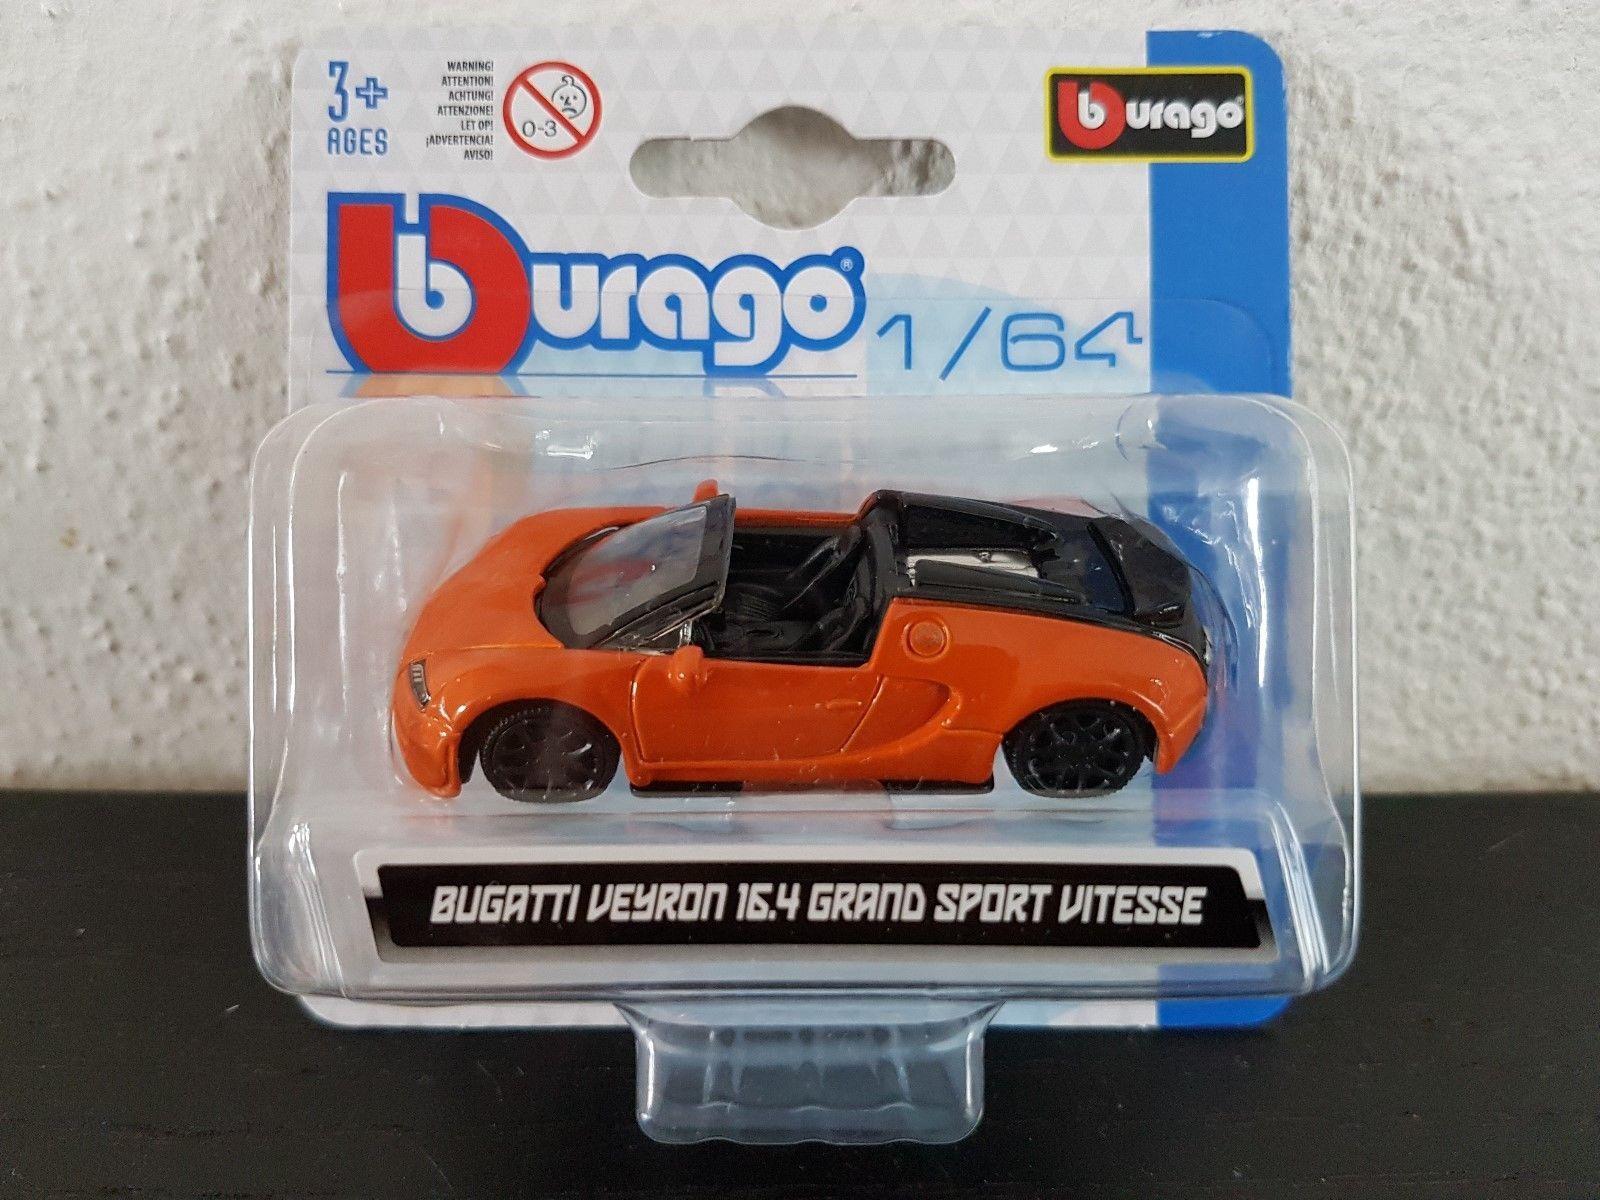 500472ac3ef0180d82c5c4256e3d1b24 Terrific Bugatti Veyron 16.4 Grand Sport Vitesse Prix Cars Trend